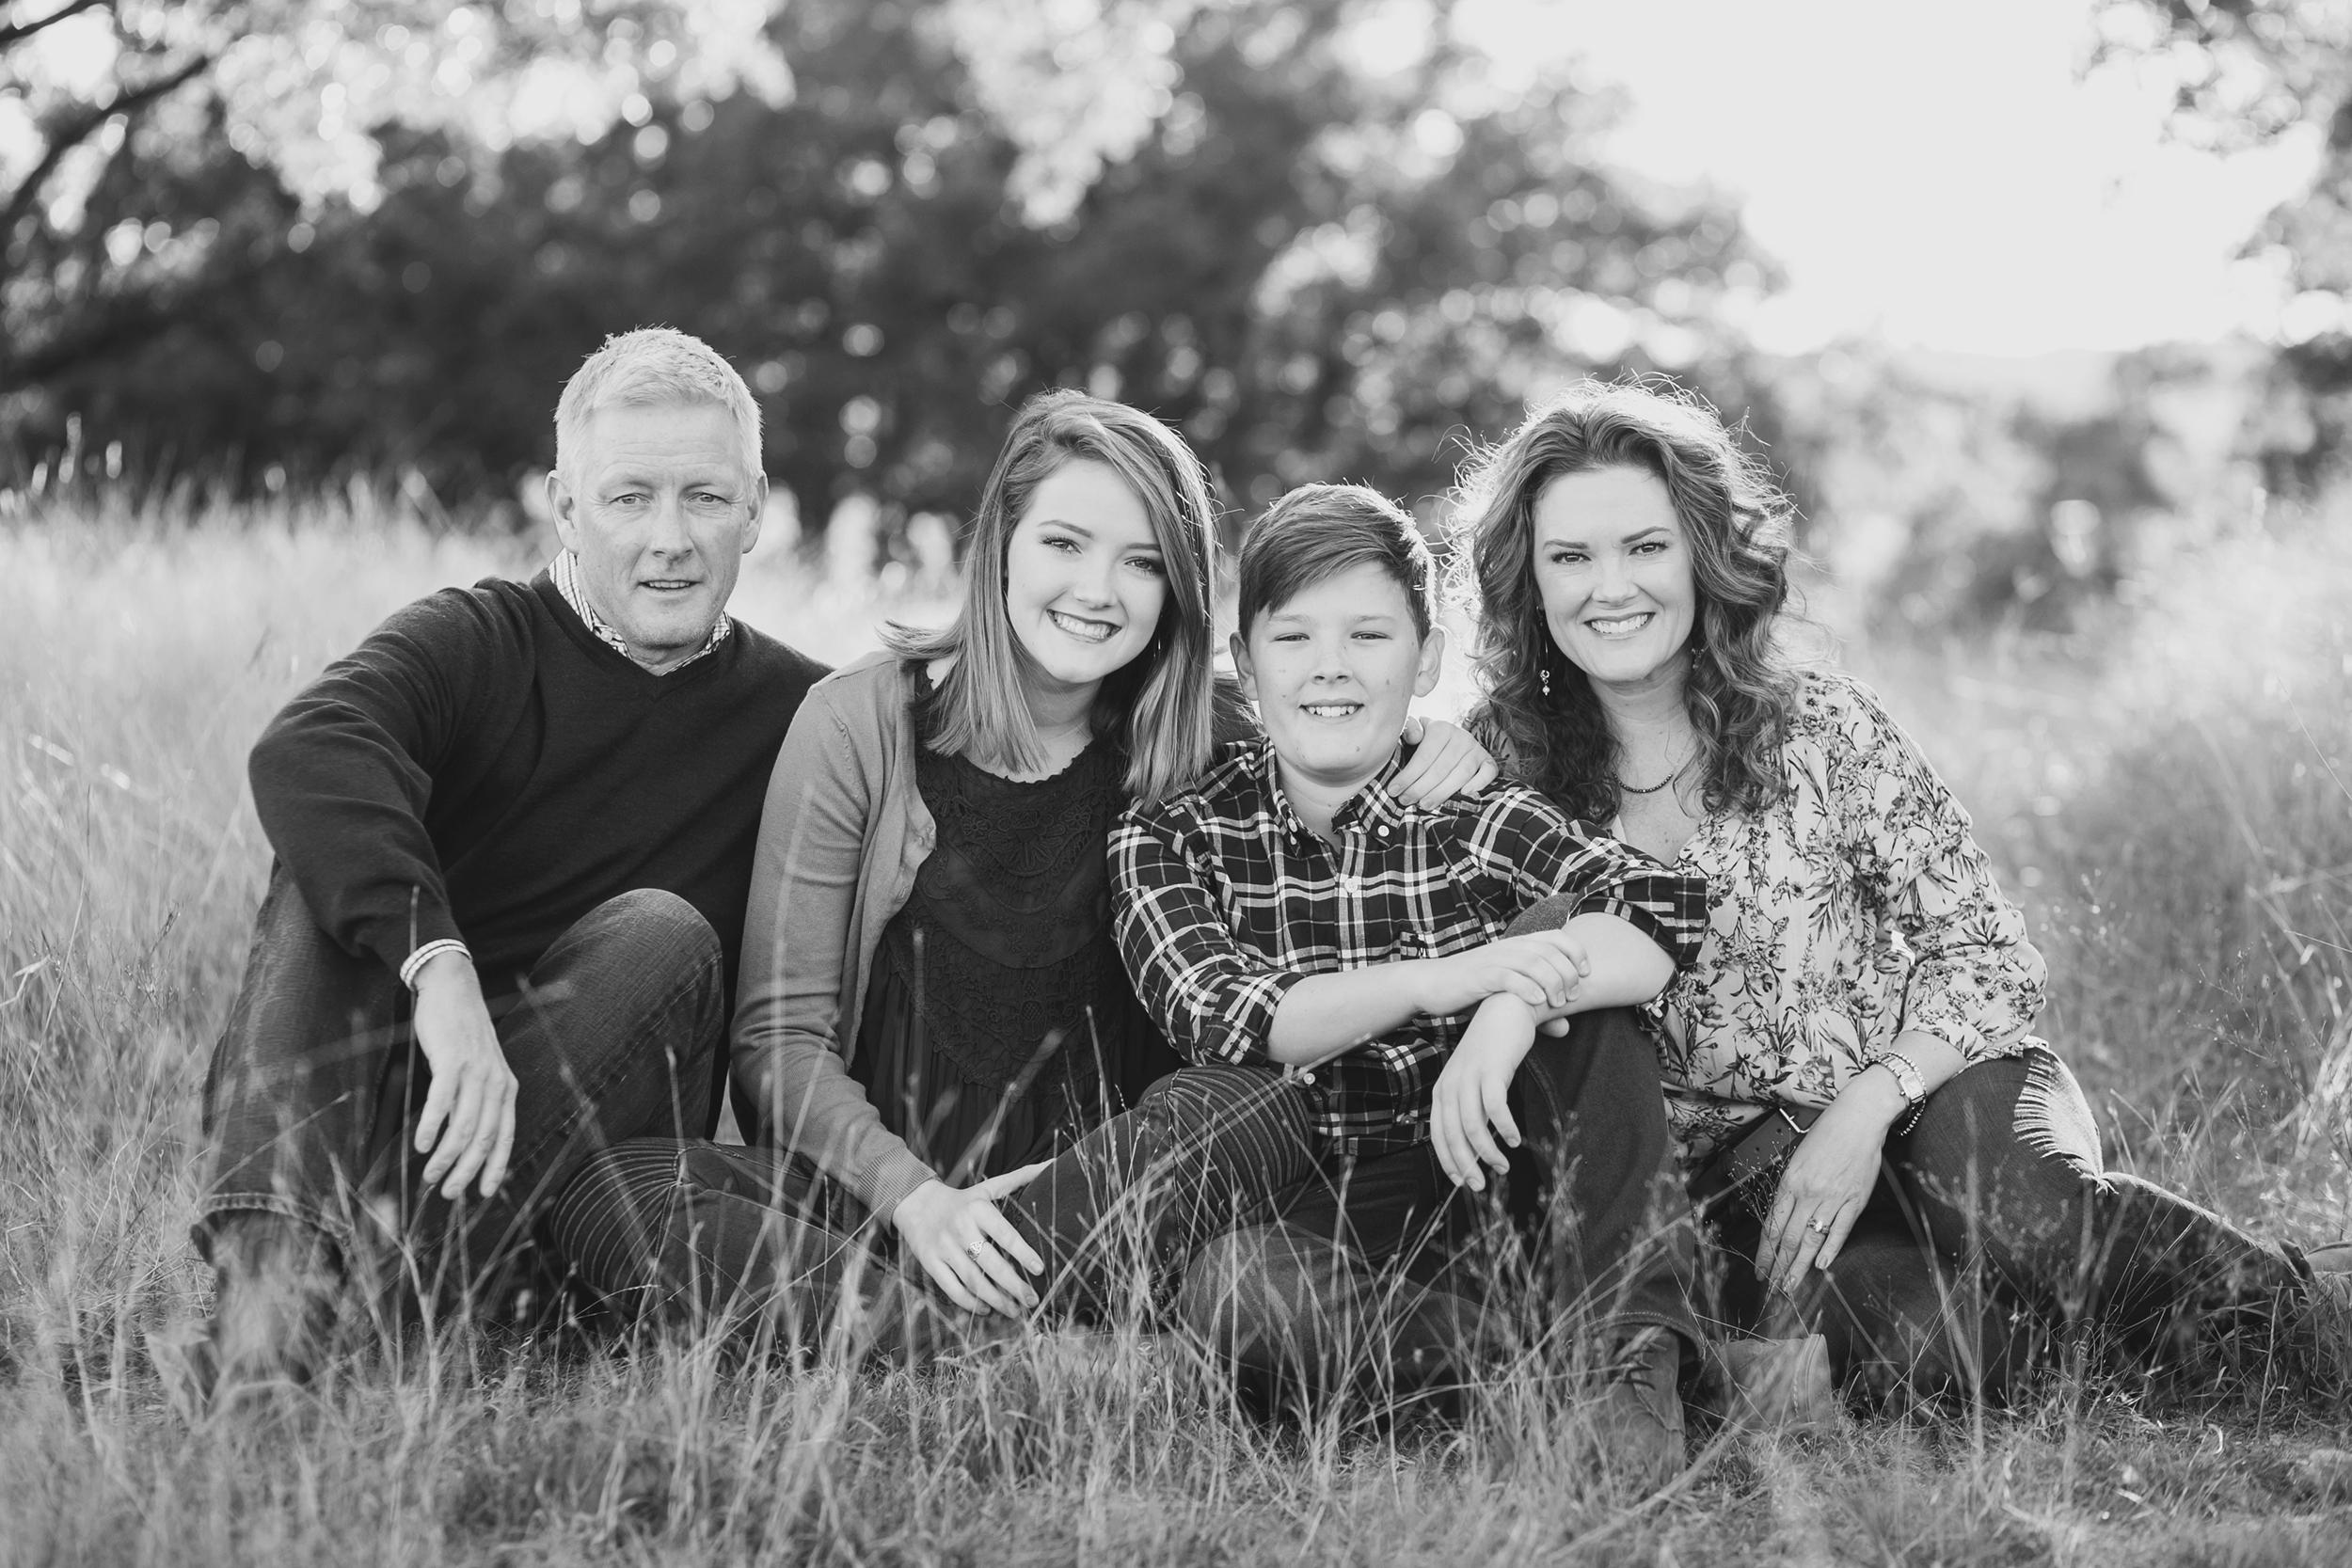 Austin_TX_Family_Photographer_KBP020.jpg